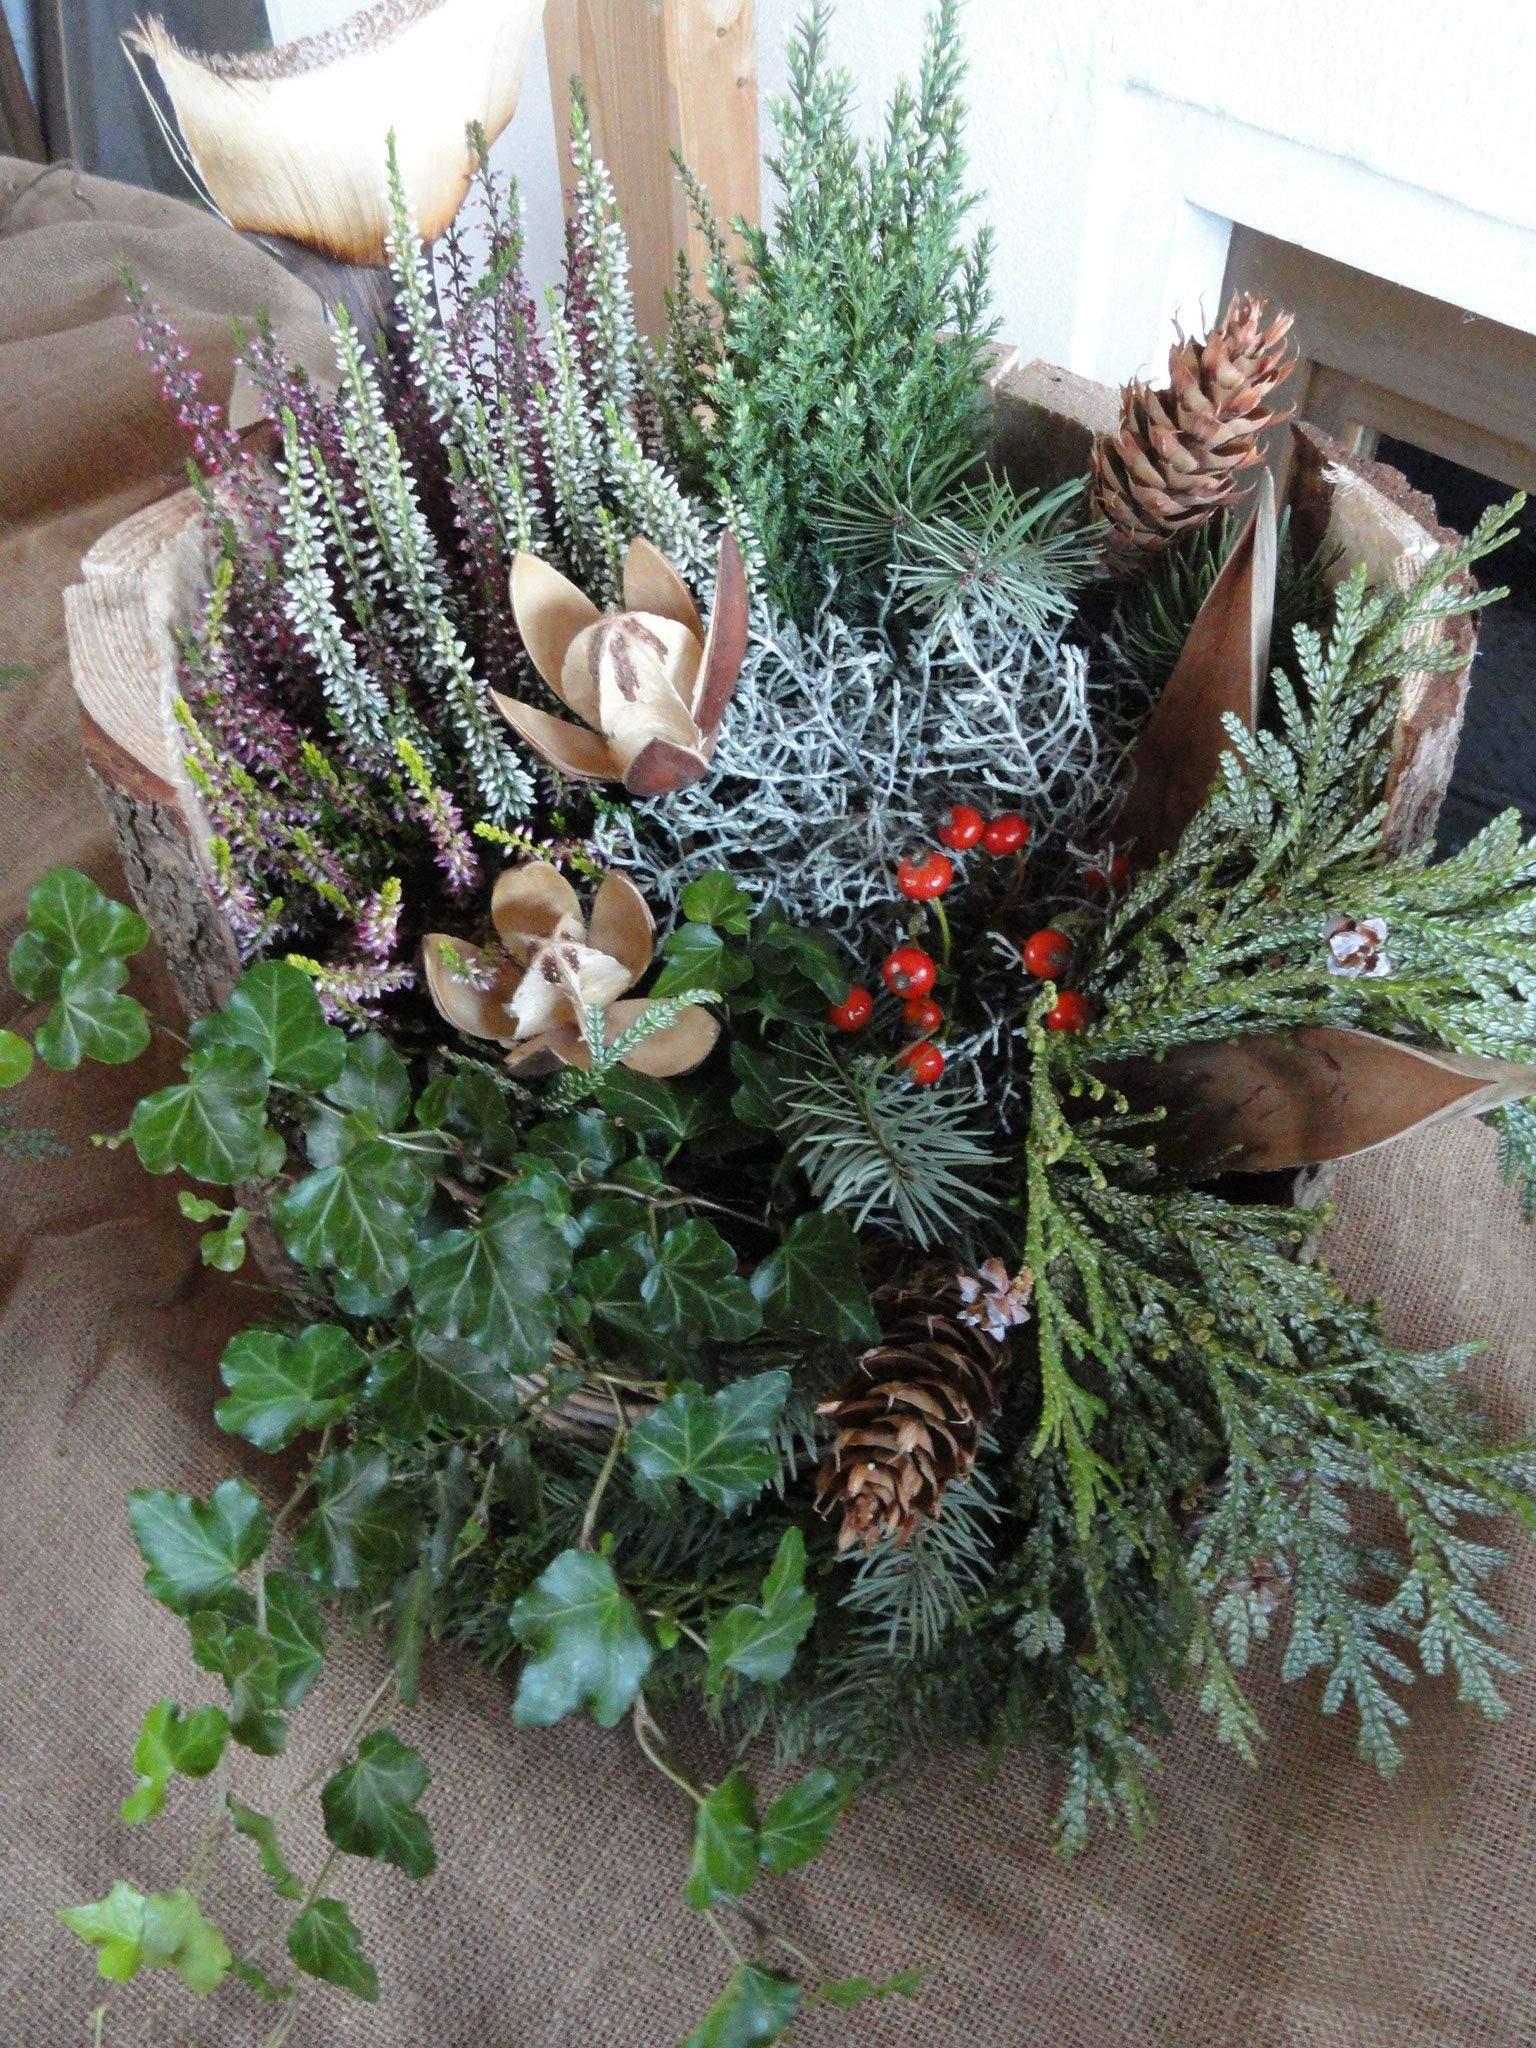 weihenstephan garten genial rindenrohling bepflanzt und gesteckt grabschmuck von of weihenstephan garten